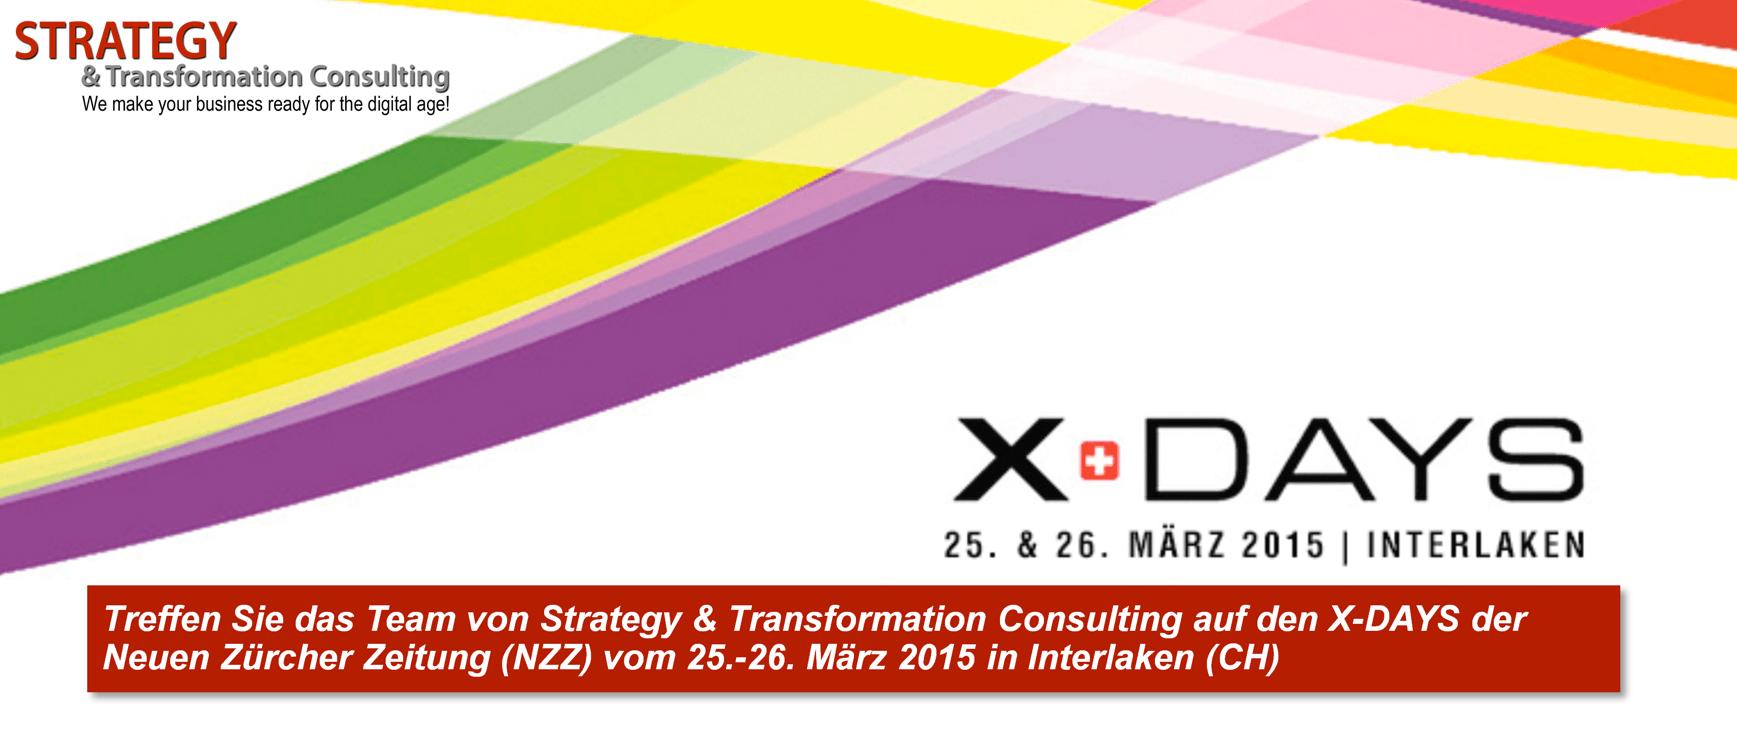 NZZ X-Days 2015_Bild für Slider_01me